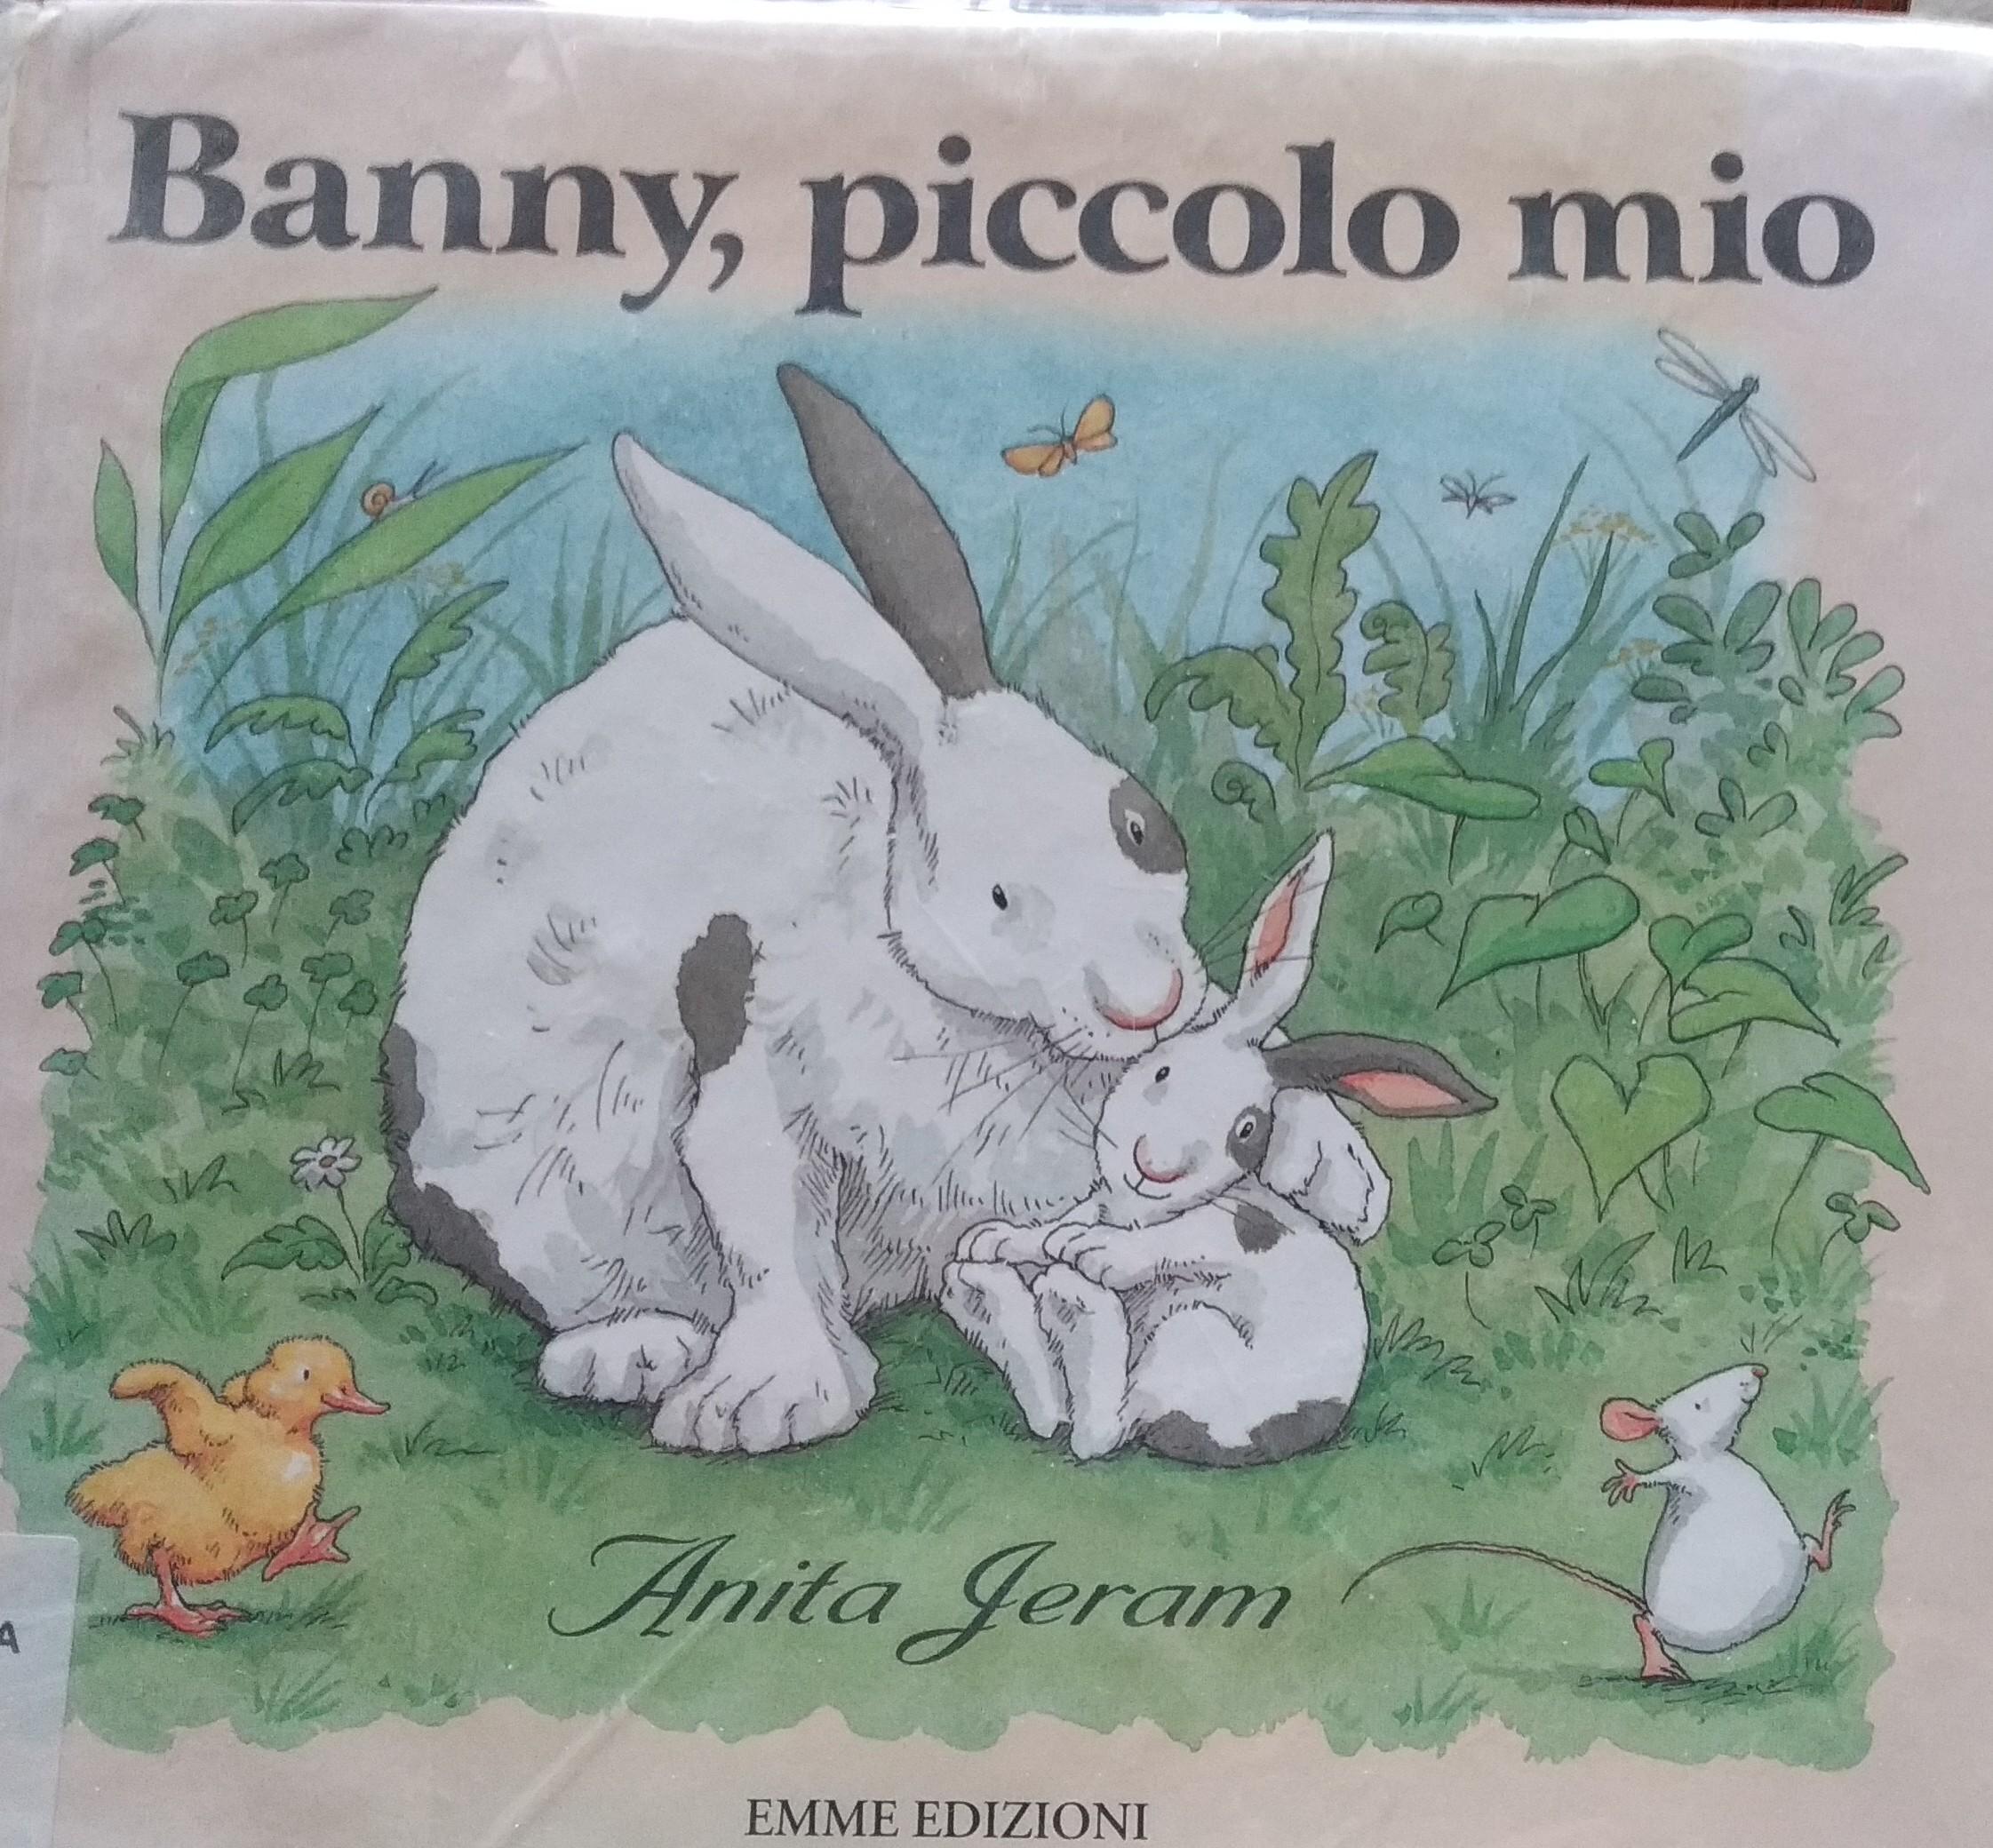 Banny, piccolo mio